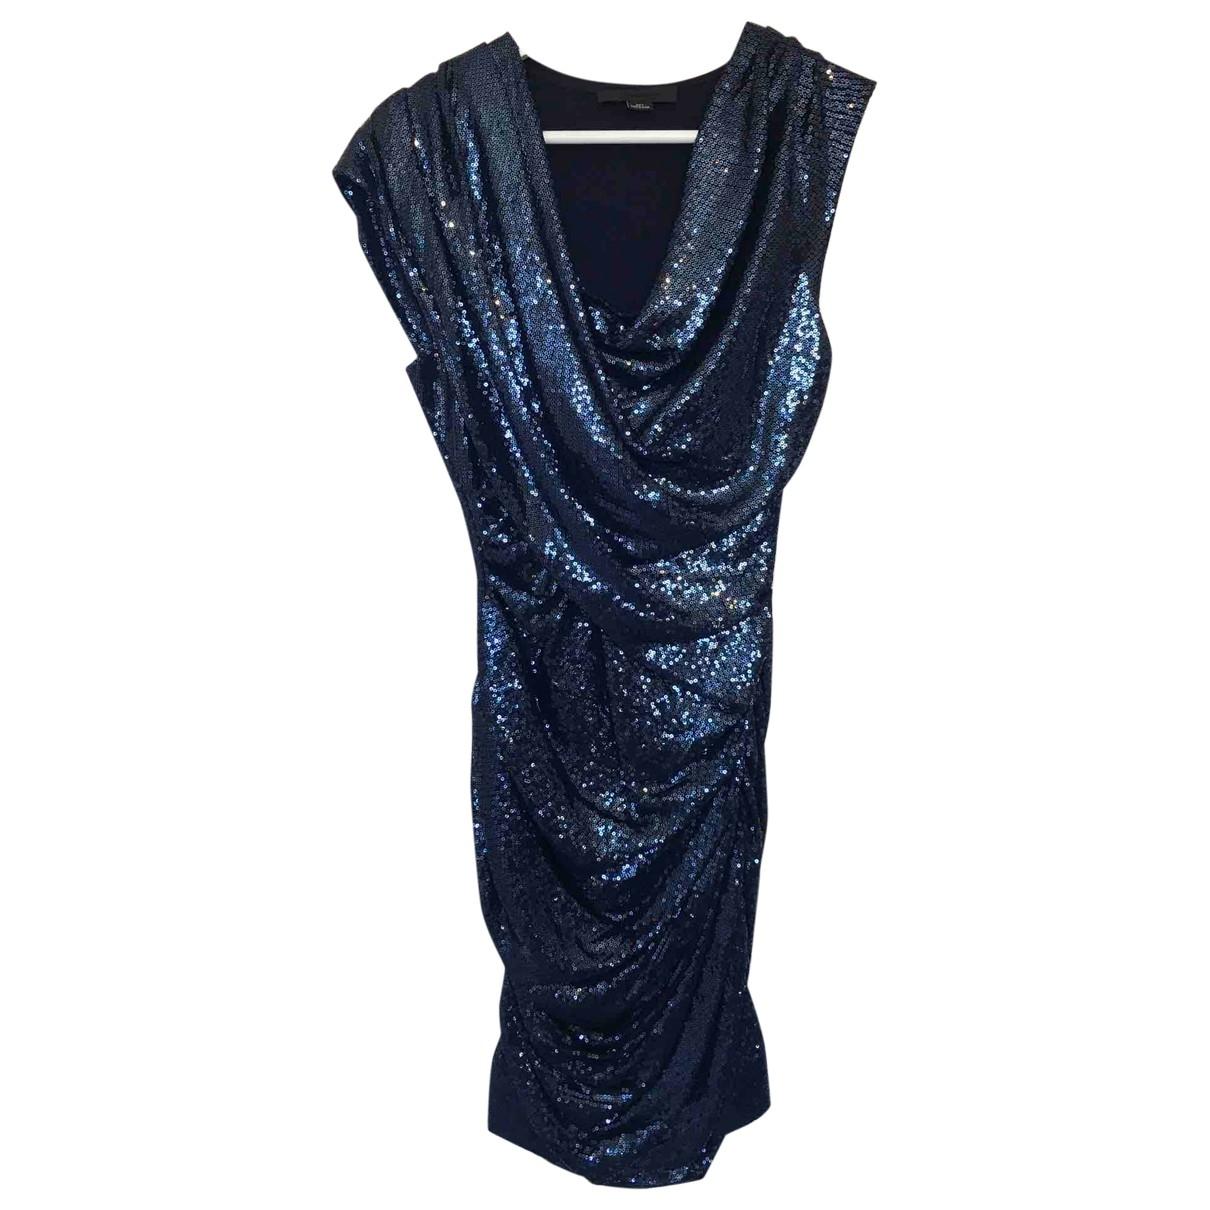 Alexander Wang \N Kleid in  Blau Synthetik